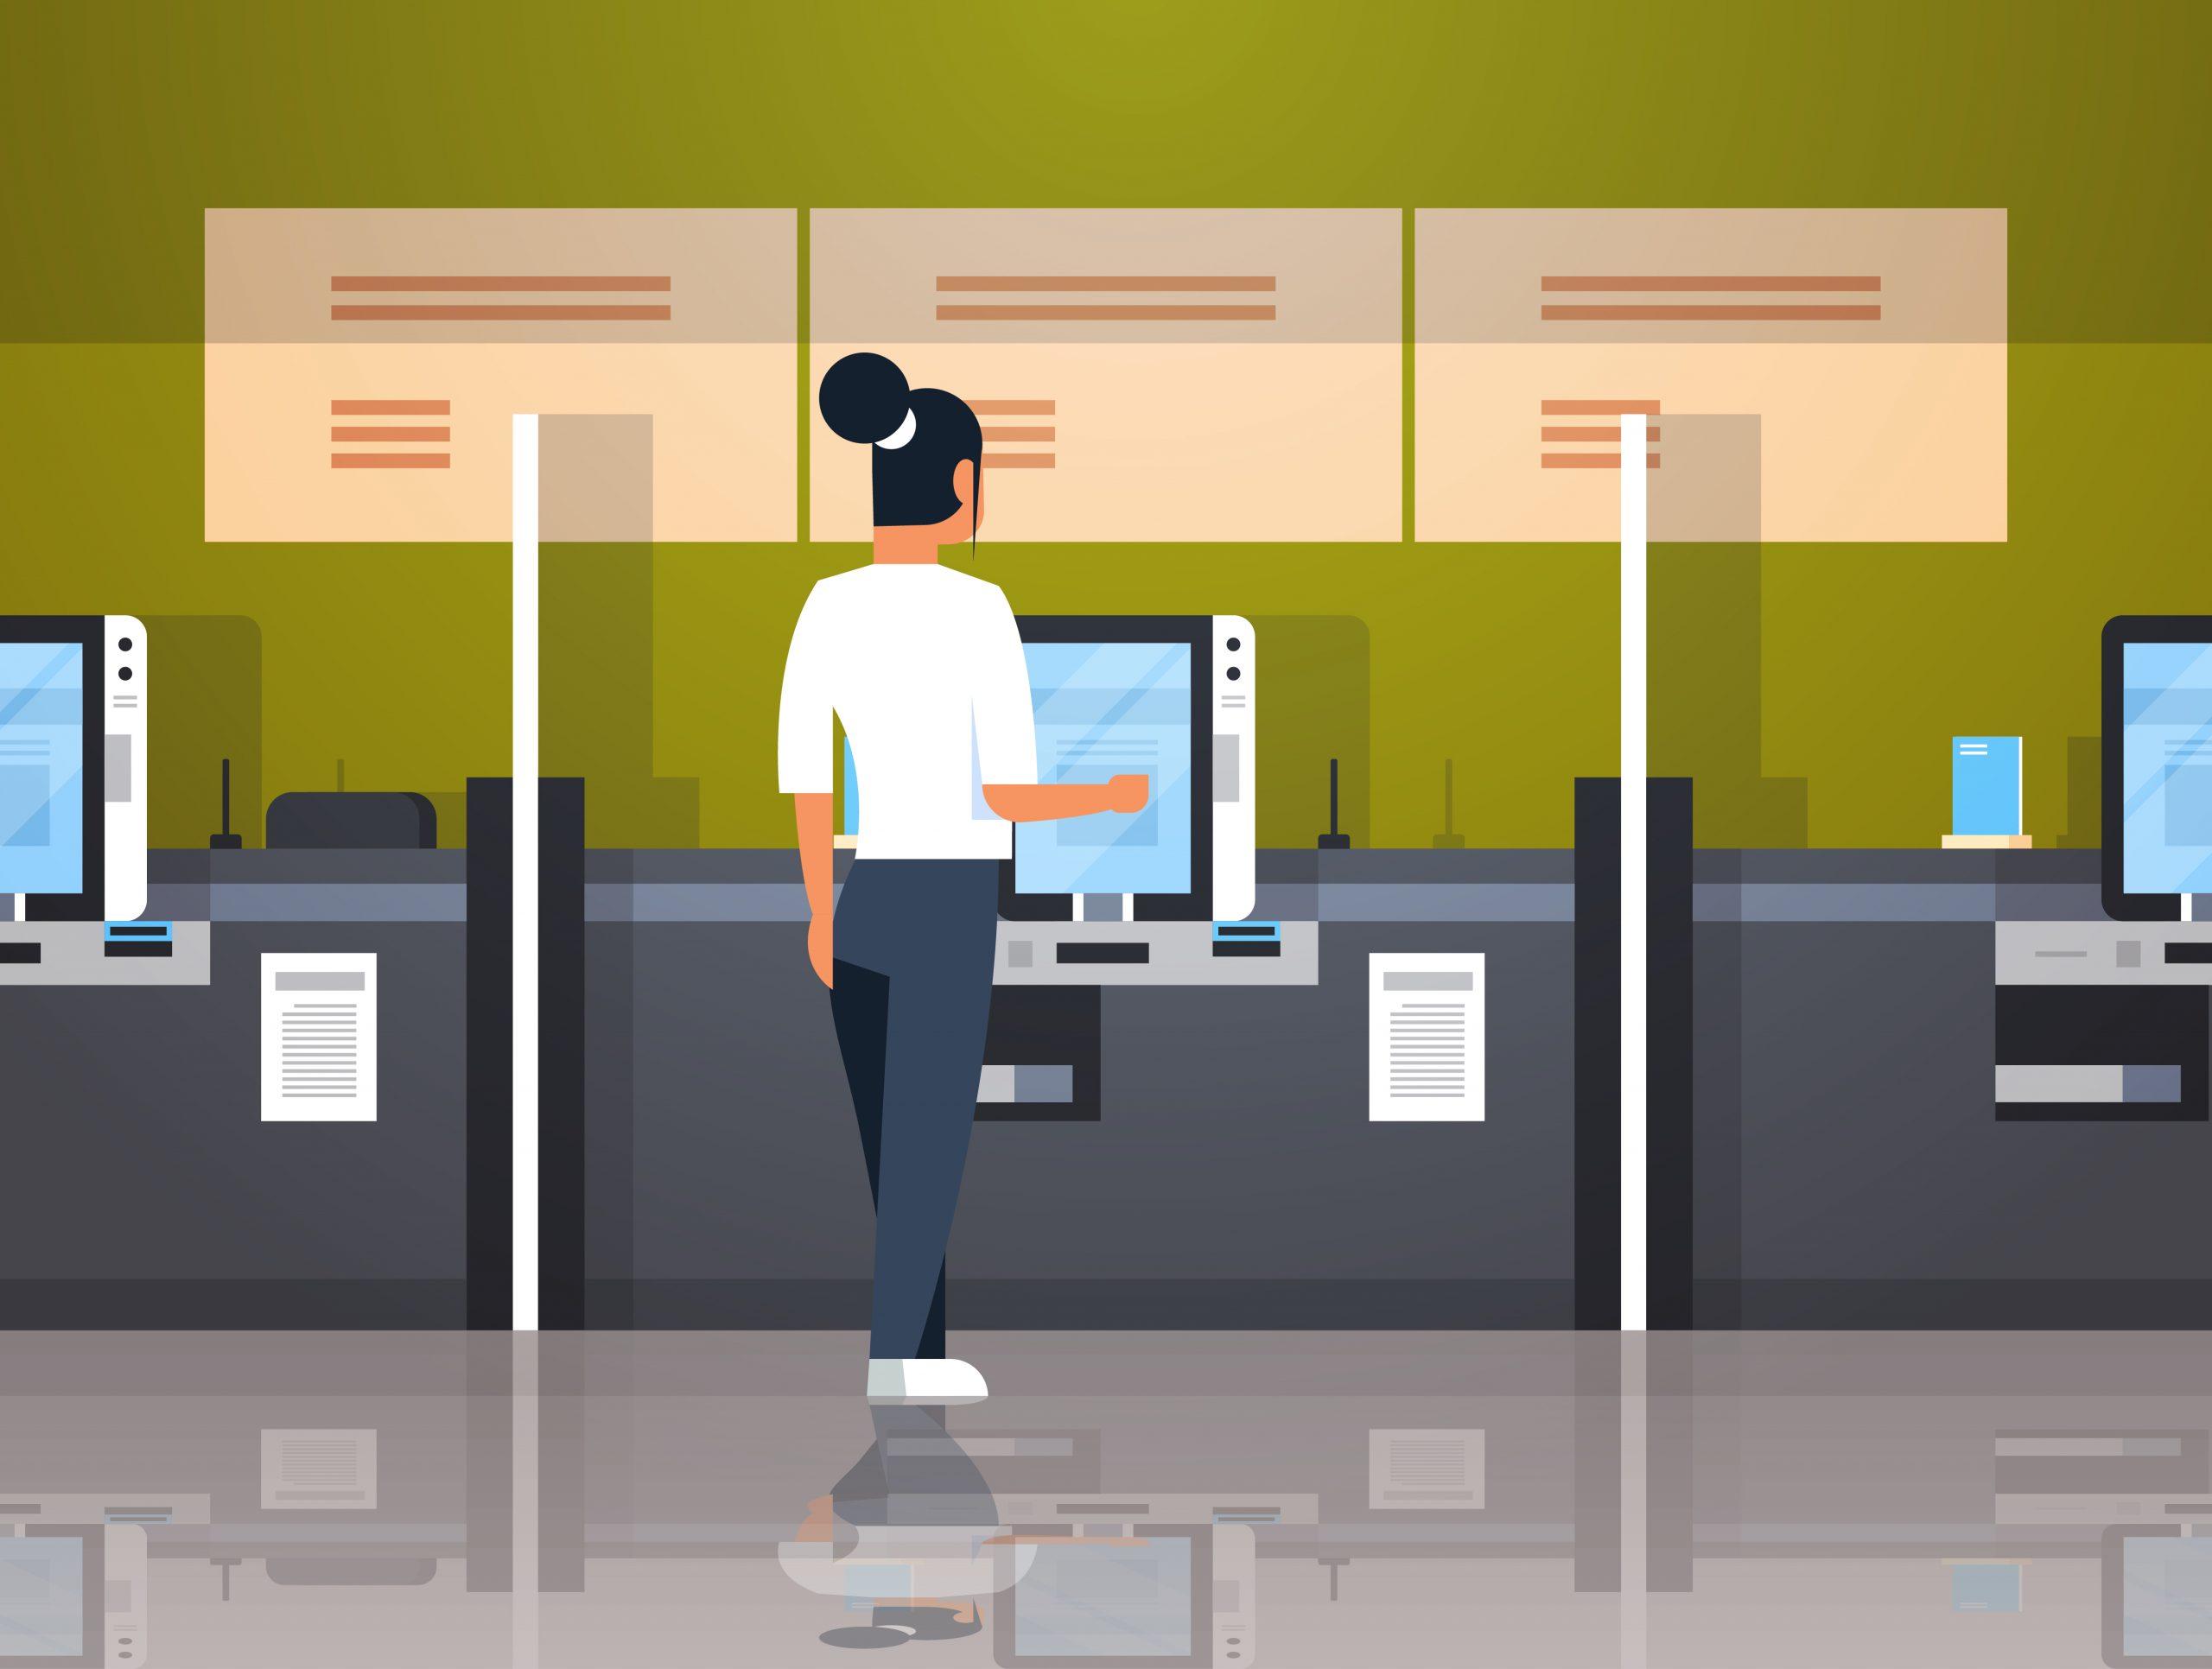 Zippin Gears Up For More Autonomous Checkout Stores